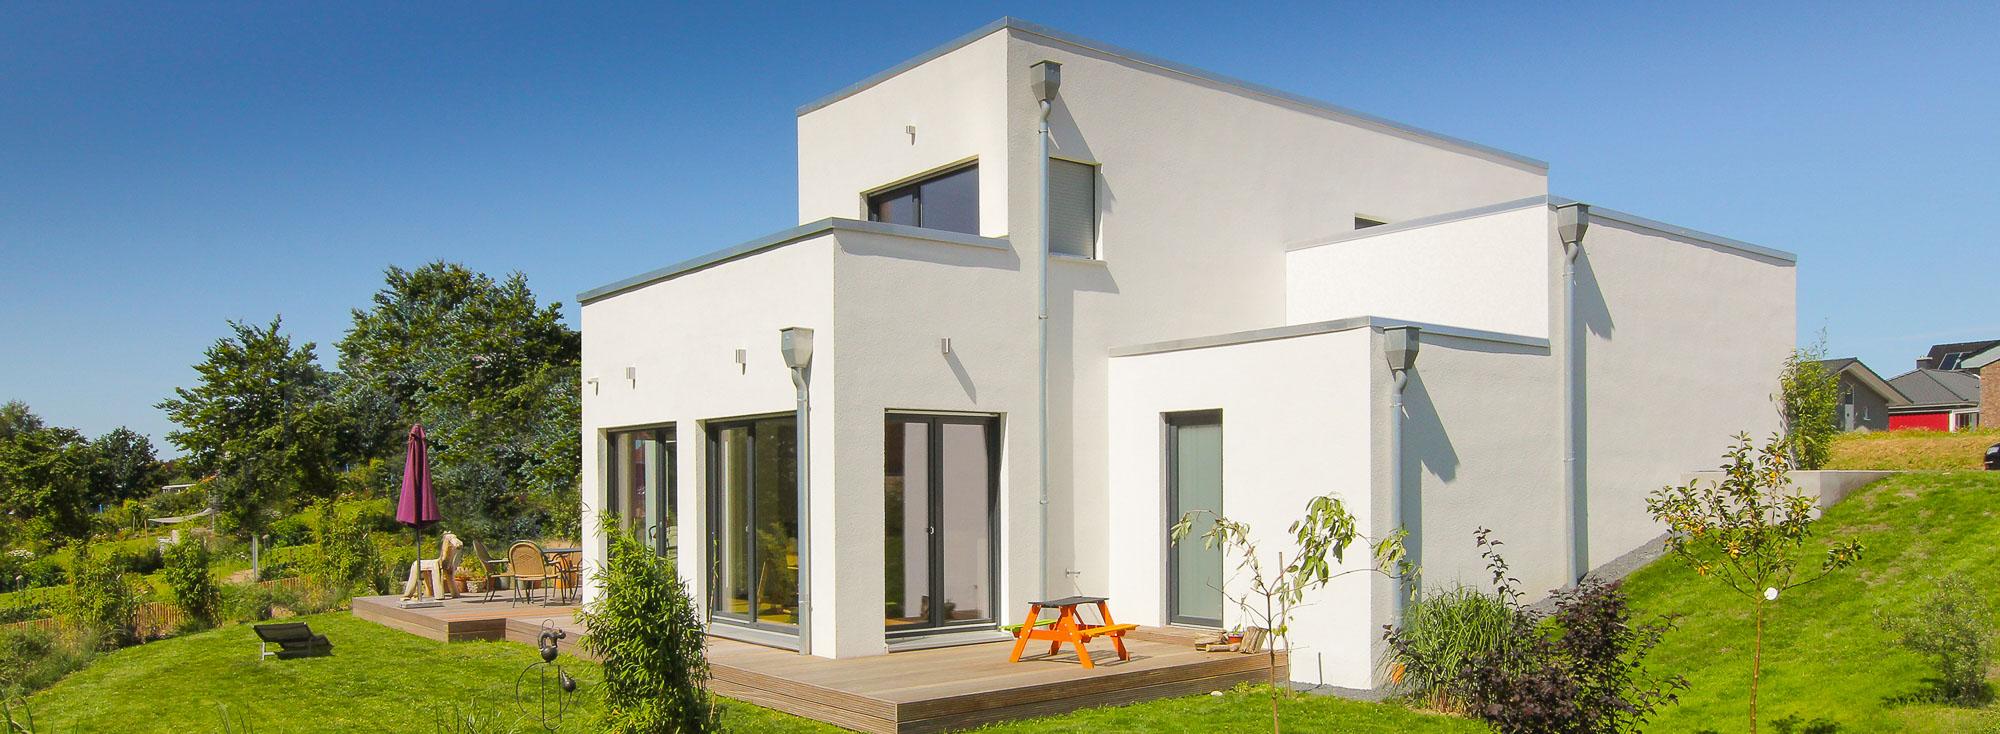 BAUHAUS - MODERN CLASSIC unsere Häuser im Bauhausstil - Bauen im ...